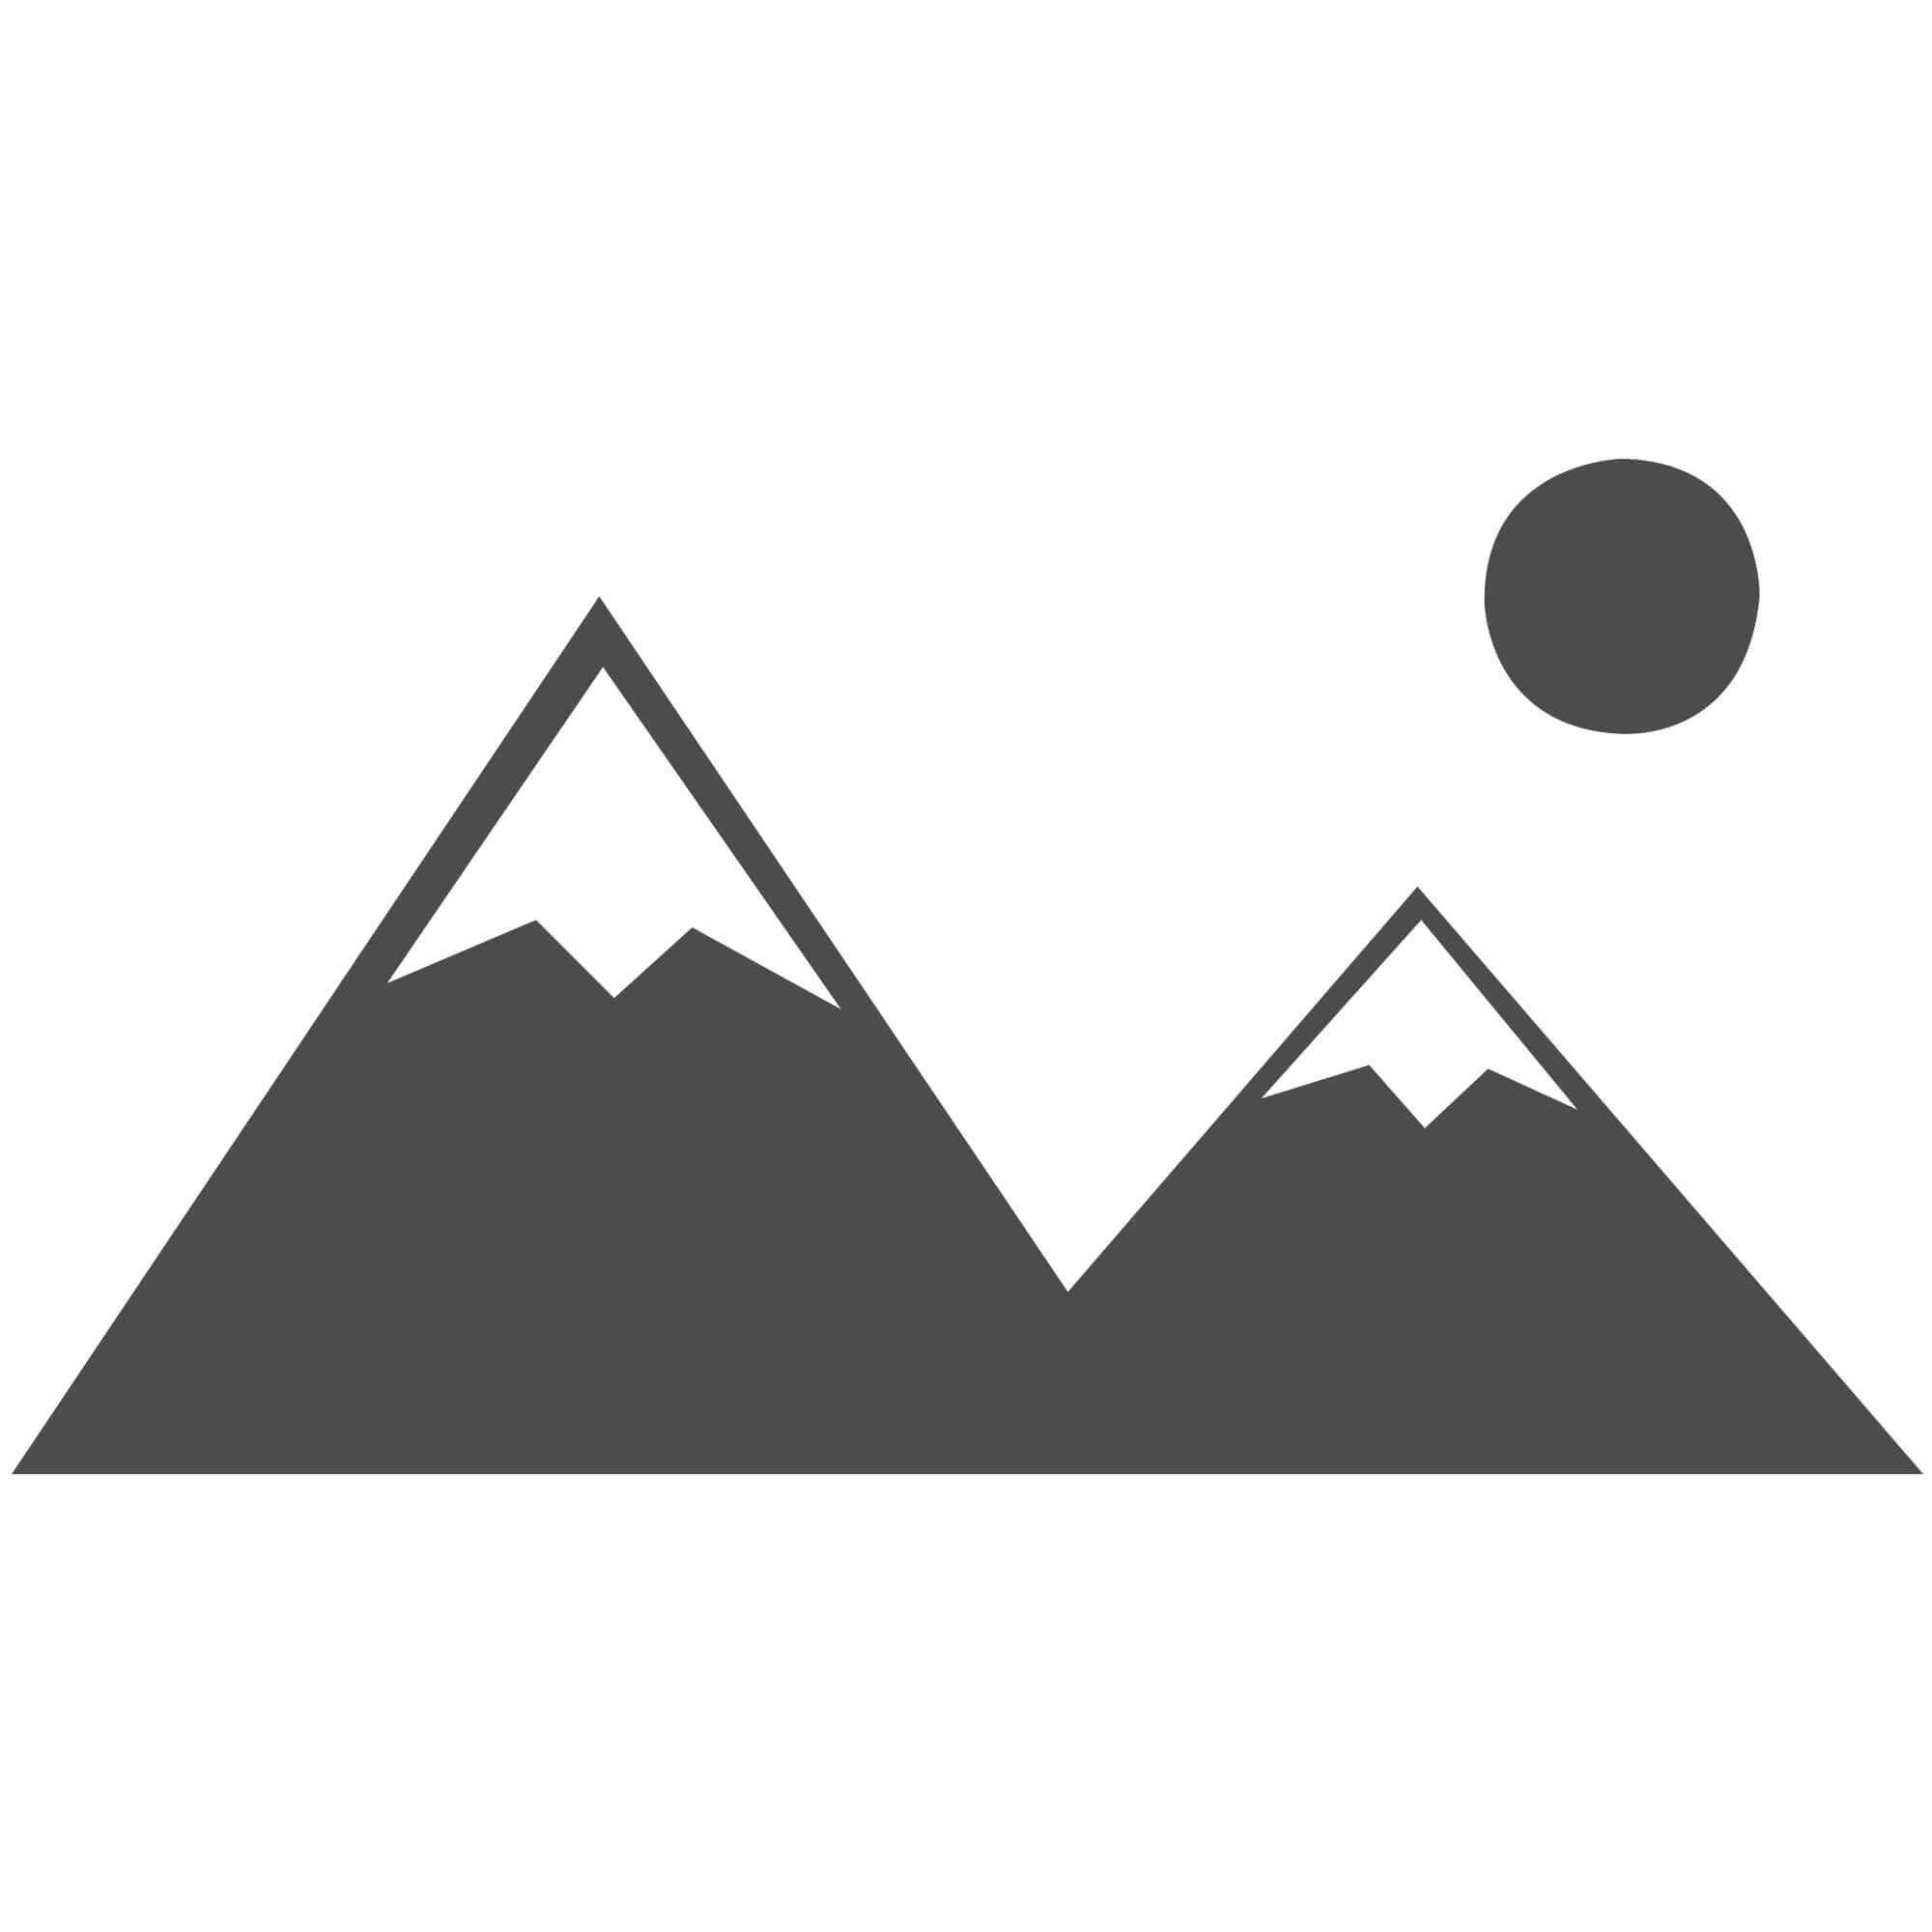 """New Vintage Azur 8015 Rug by Louis de Poortere-280 x 360 cm (9'2"""" x 11'10"""")"""